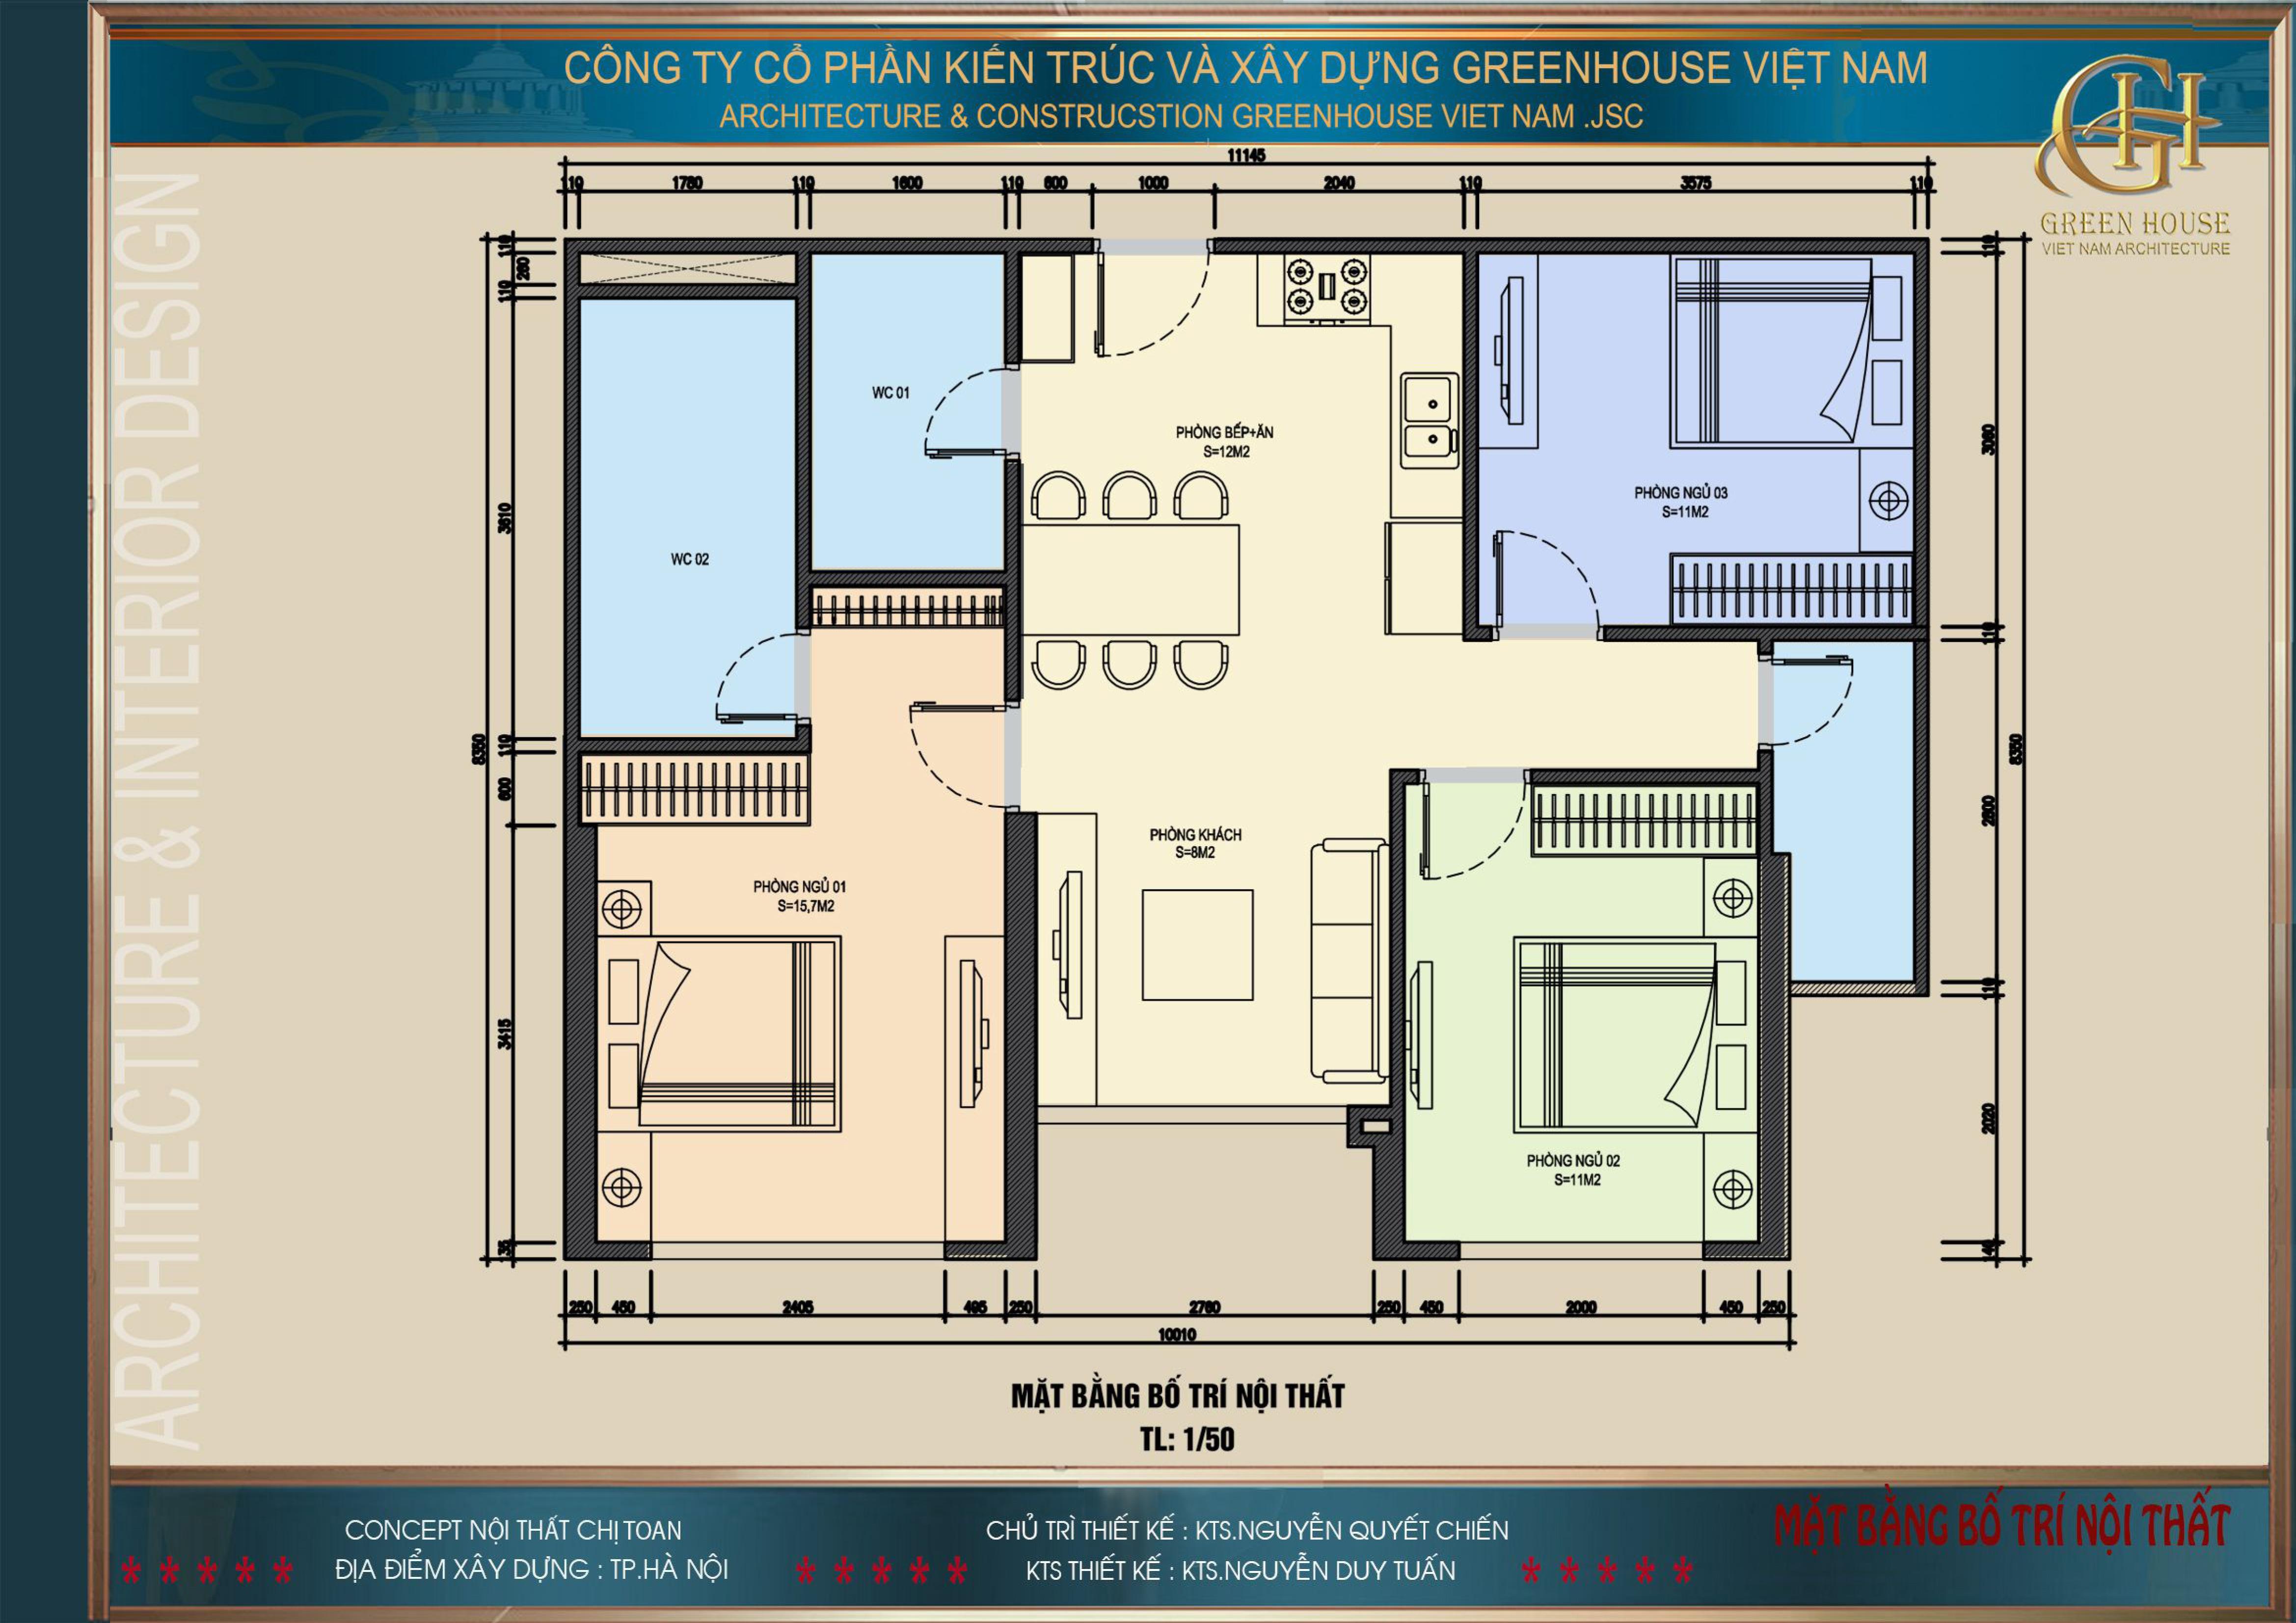 Bản vẽ mặt bằng công năng sử dụng của căn hộ chung cư chị Toan